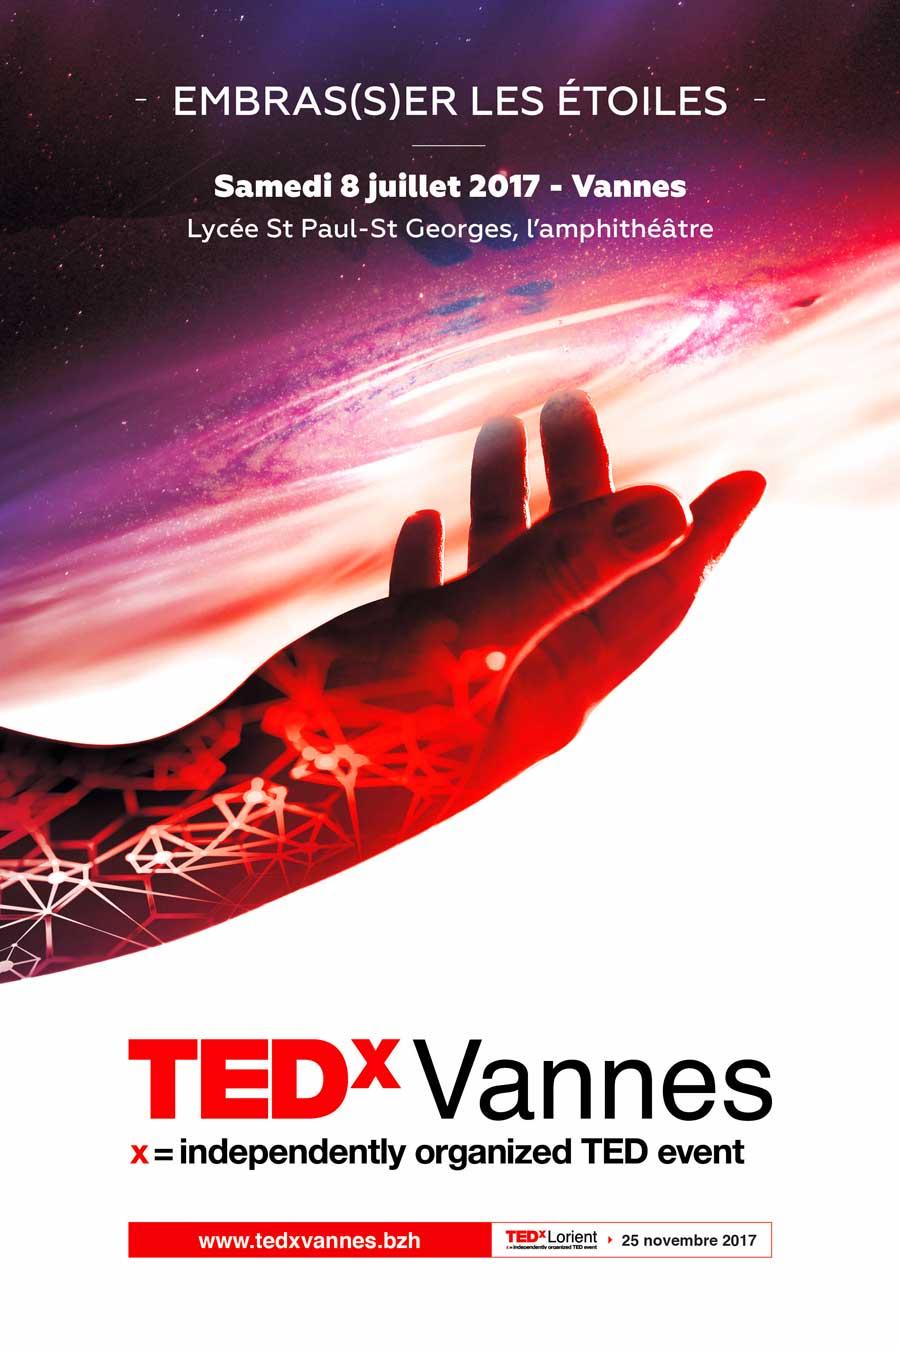 Affiche TEDx Vannes 2017 - Embras(s)er les étoiles